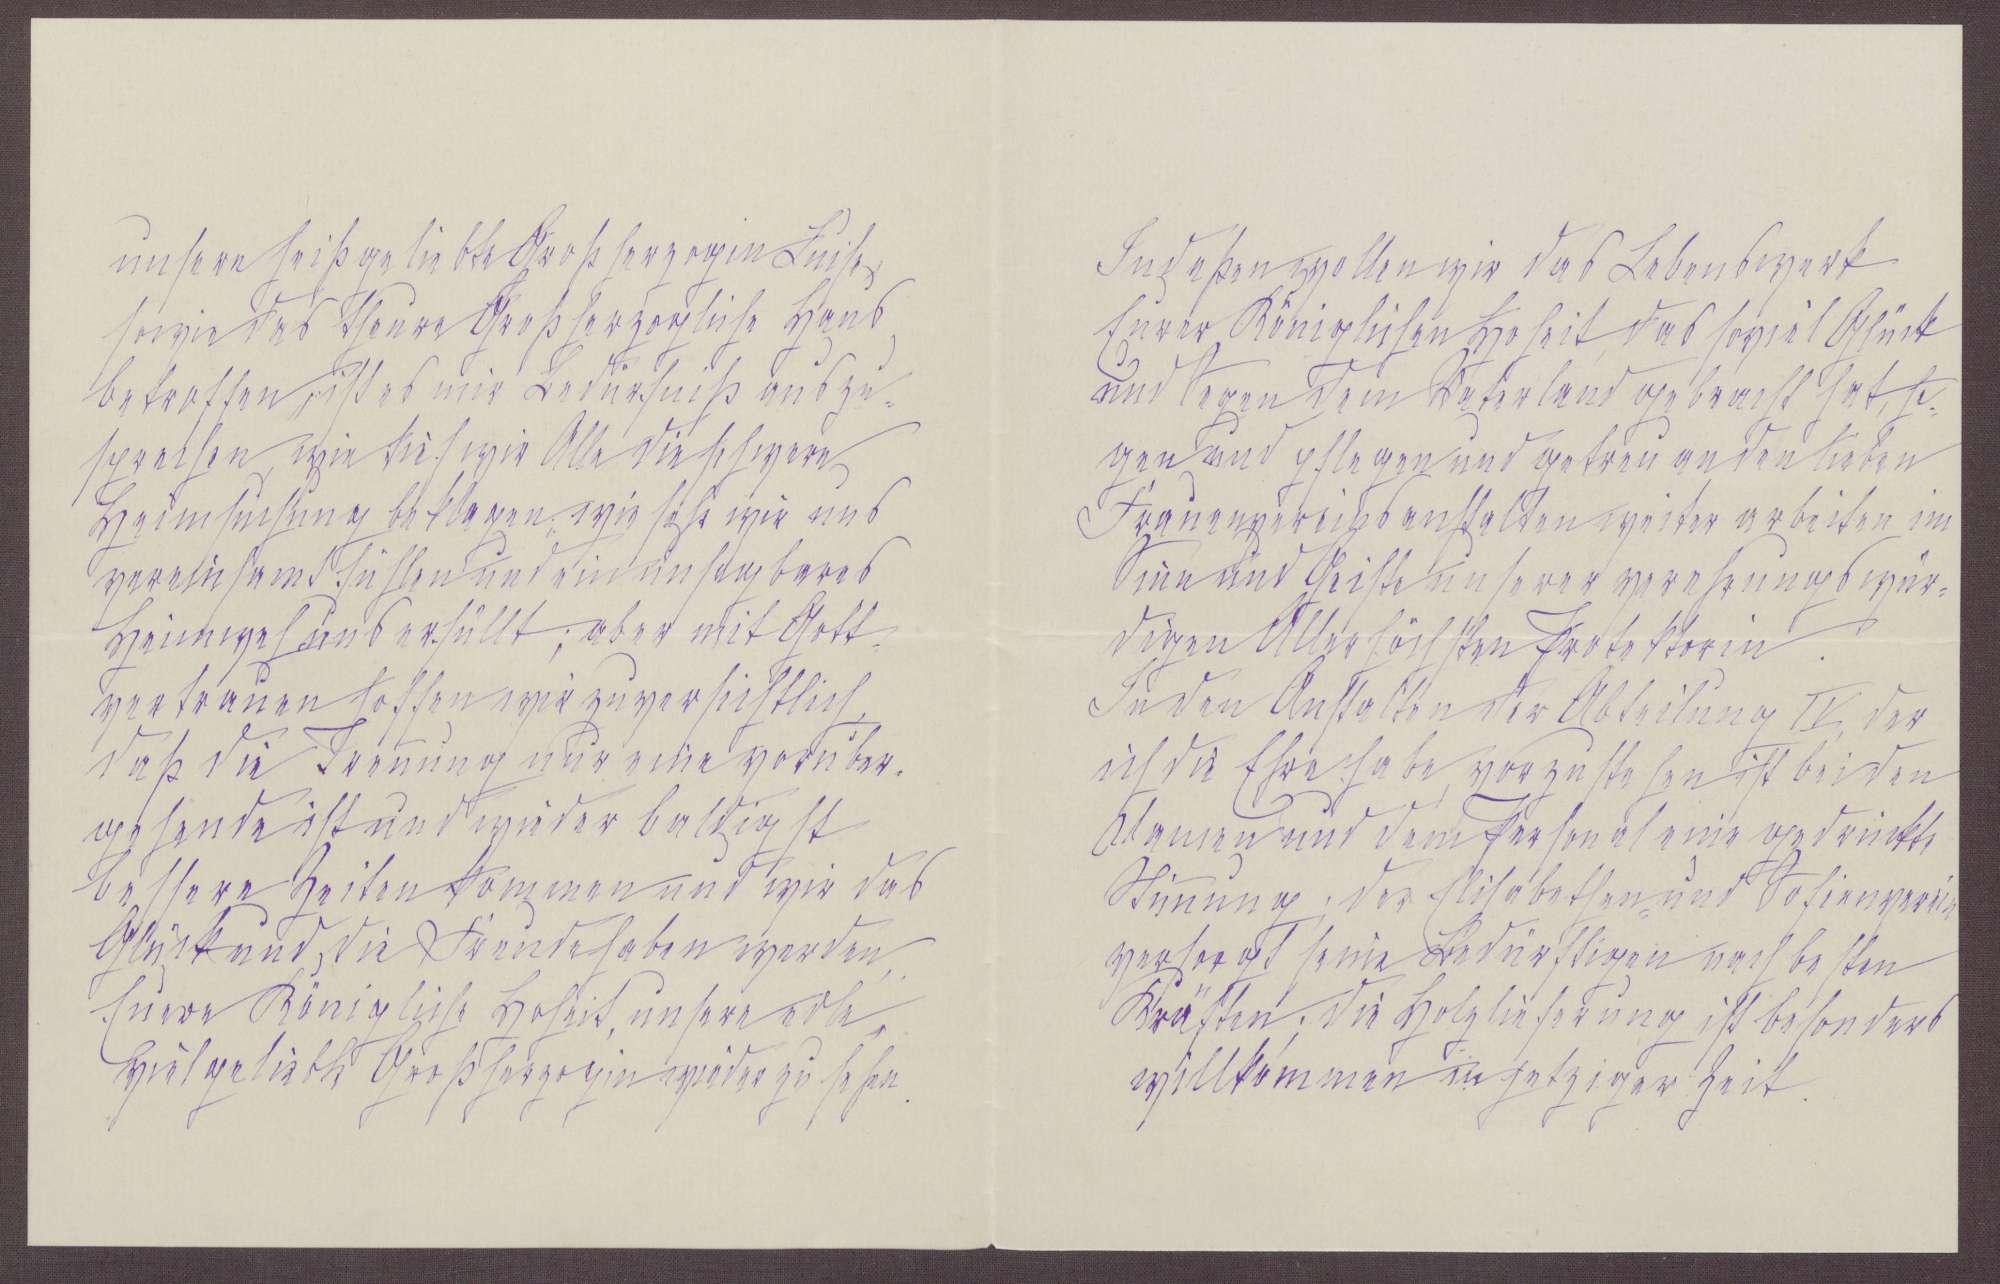 Schreiben von Anna Haas an die Großherzogin Luise; Belegung der Volksküchen, Stimmungslage in dem Heim, Inspektion durch den Soldatenrat, Bild 2